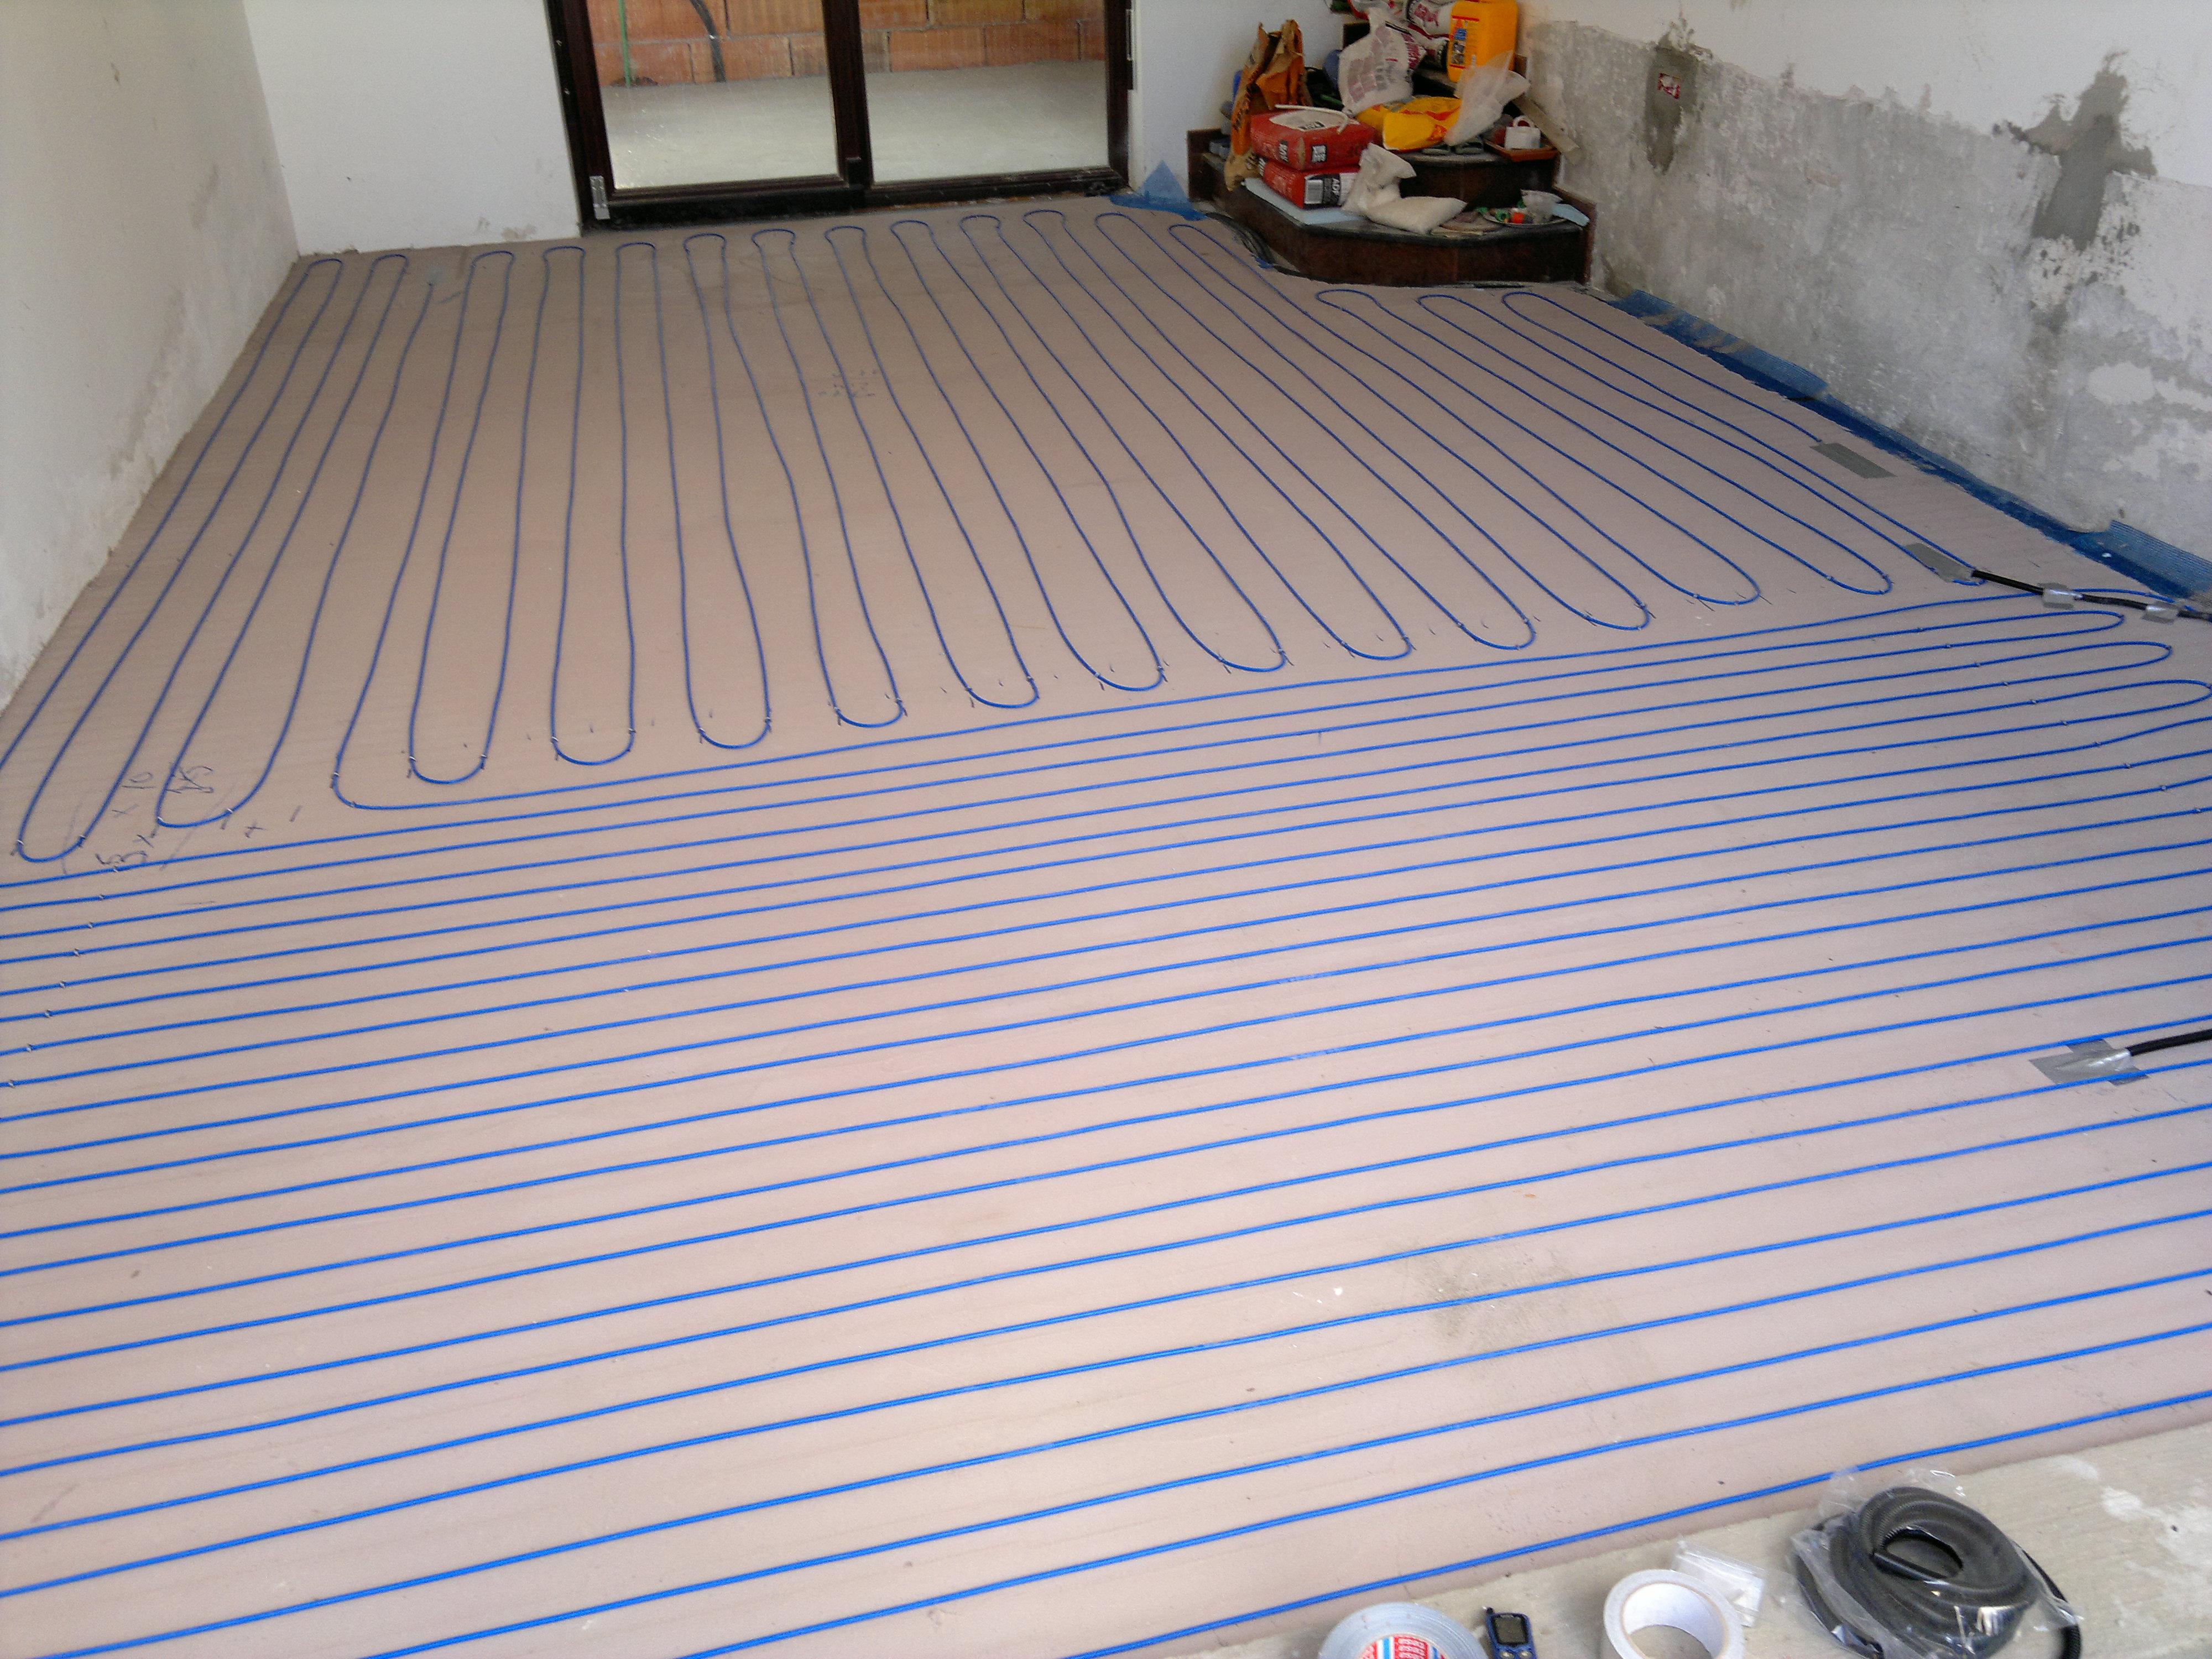 Incalzire cu cabluri in sape - Branesti WARMUP - Poza 1